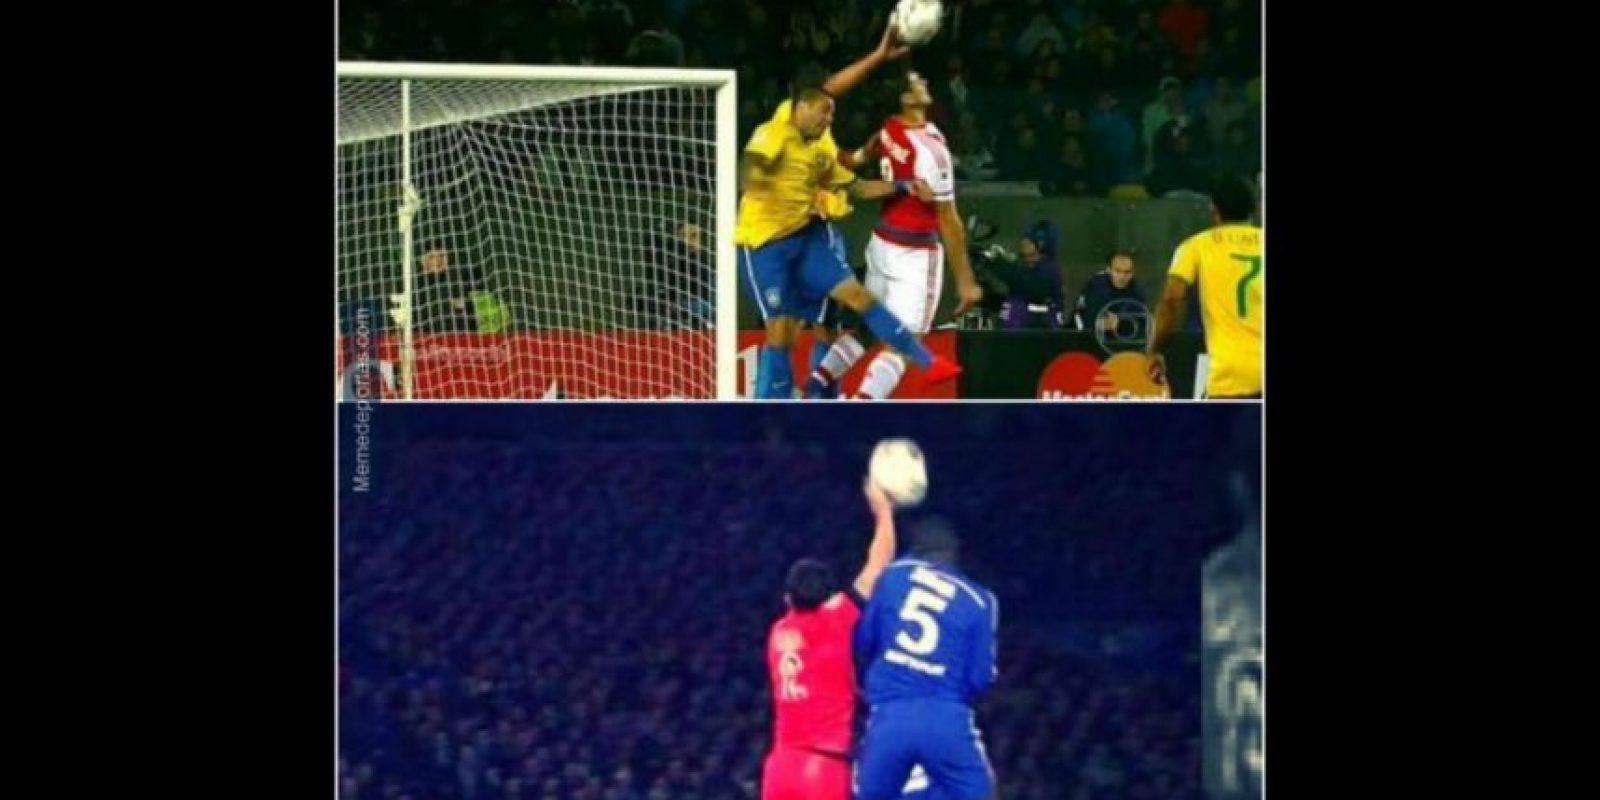 Que provocó un penal que significó el empate de Paraguay. Foto:memedeportes.com